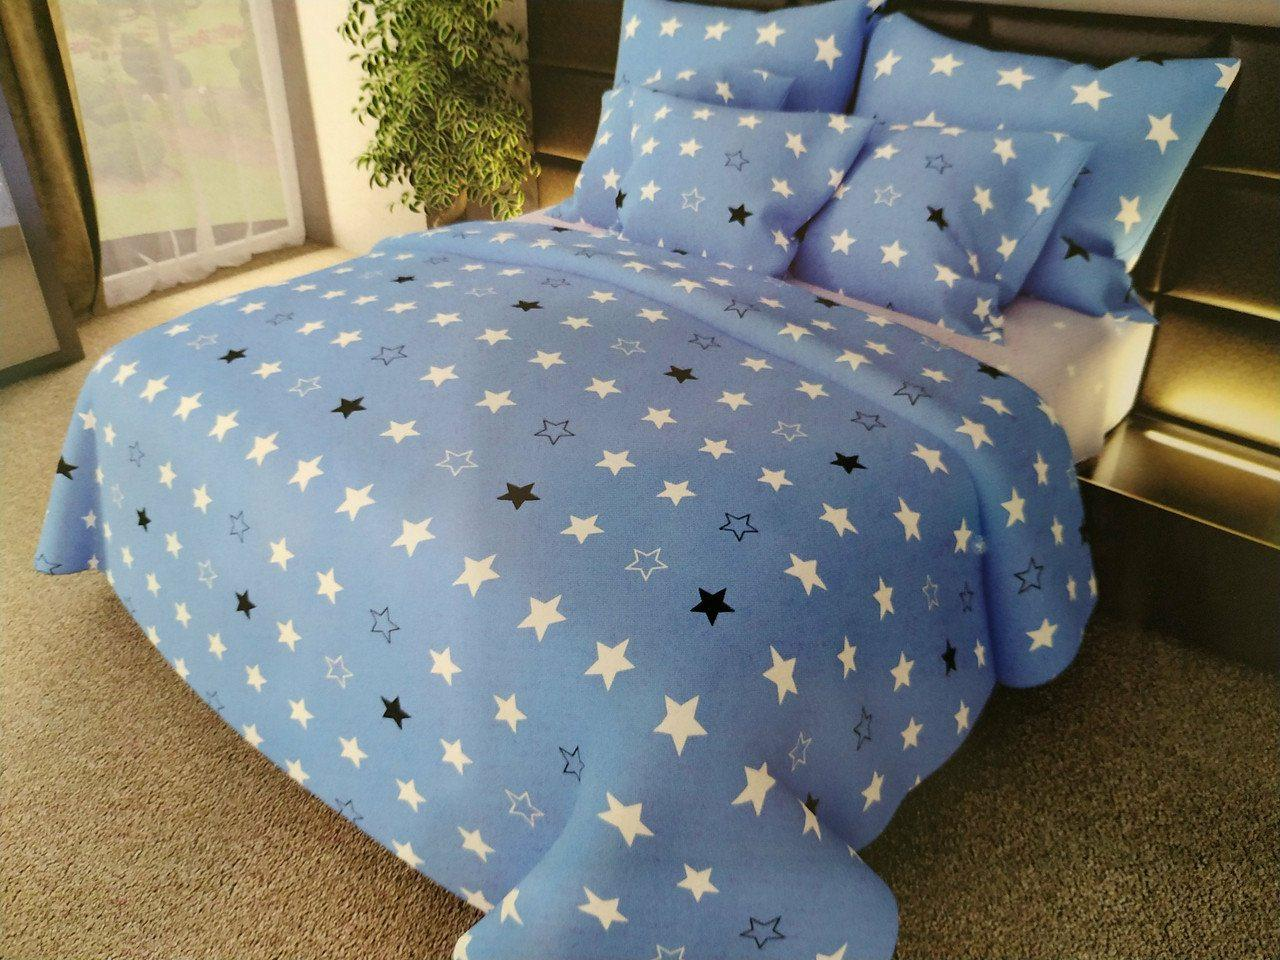 Звездный комплект постельного белья семейного размера из бязи голд.